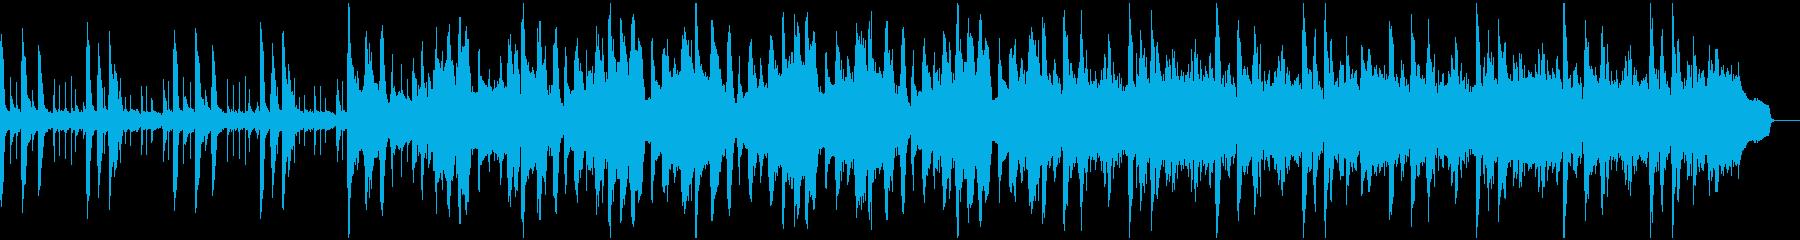 OPに使えるノリの良い軽快なピアノ曲の再生済みの波形